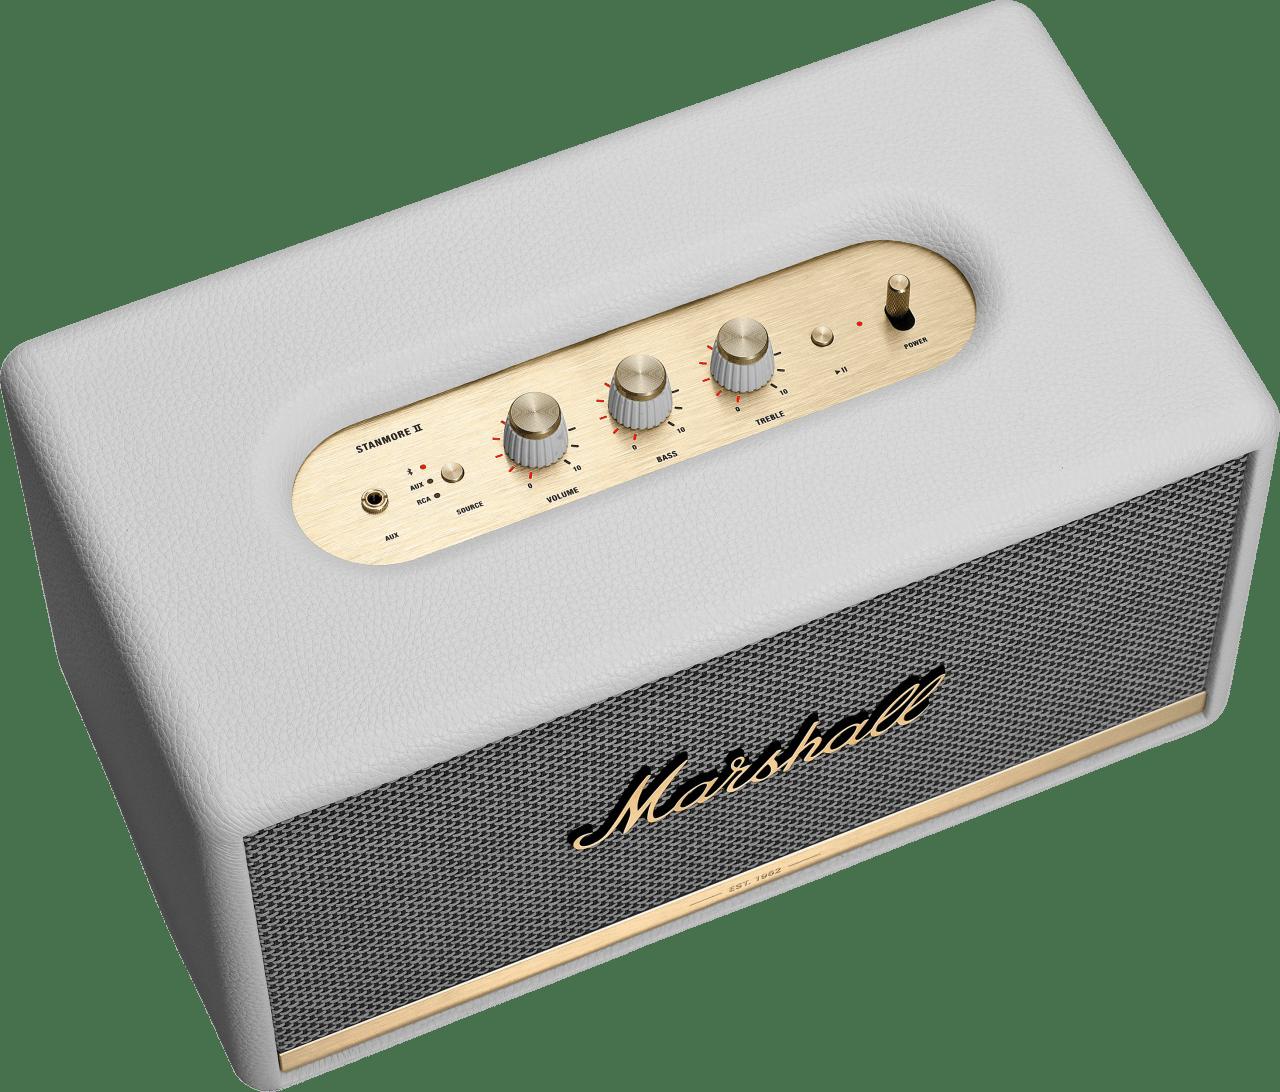 Wit Hi-Fi Audio Marshall Stanmore II BT Bluetooth Speaker.2